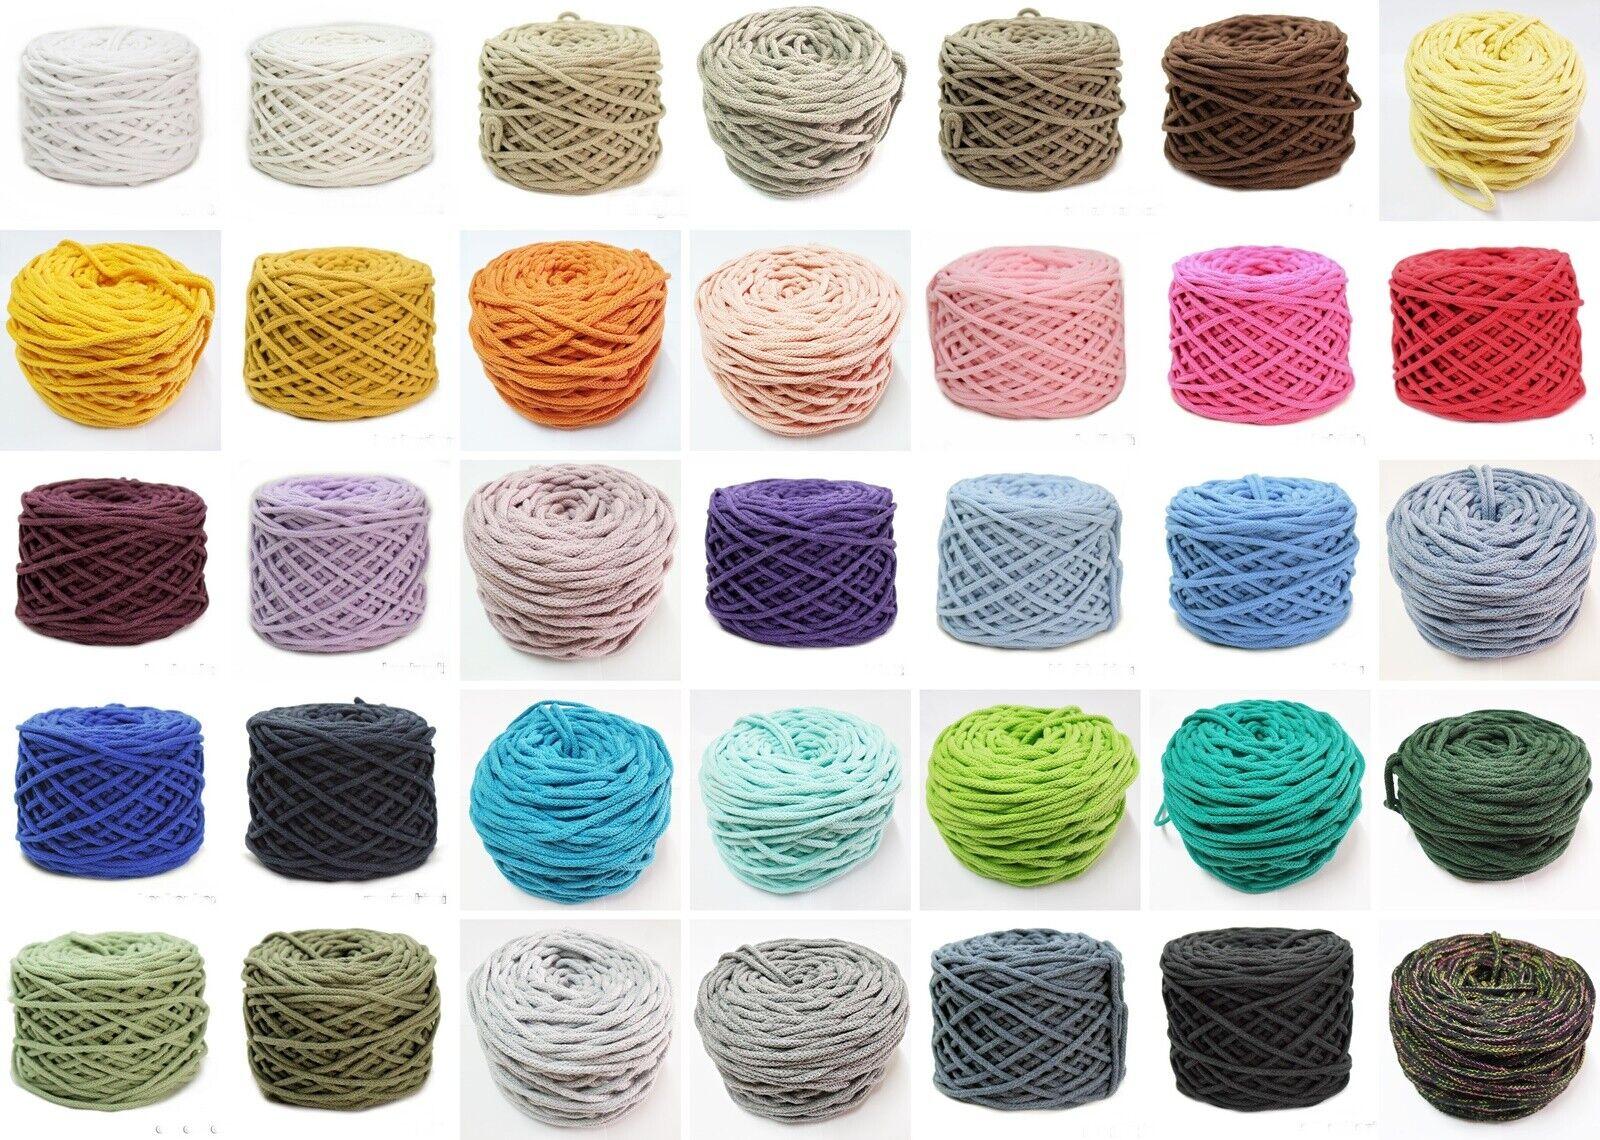 5 10 20 Meter Baumwollkordel mit Kern 5mm Kordel Schnur Baumwolle viele Farben